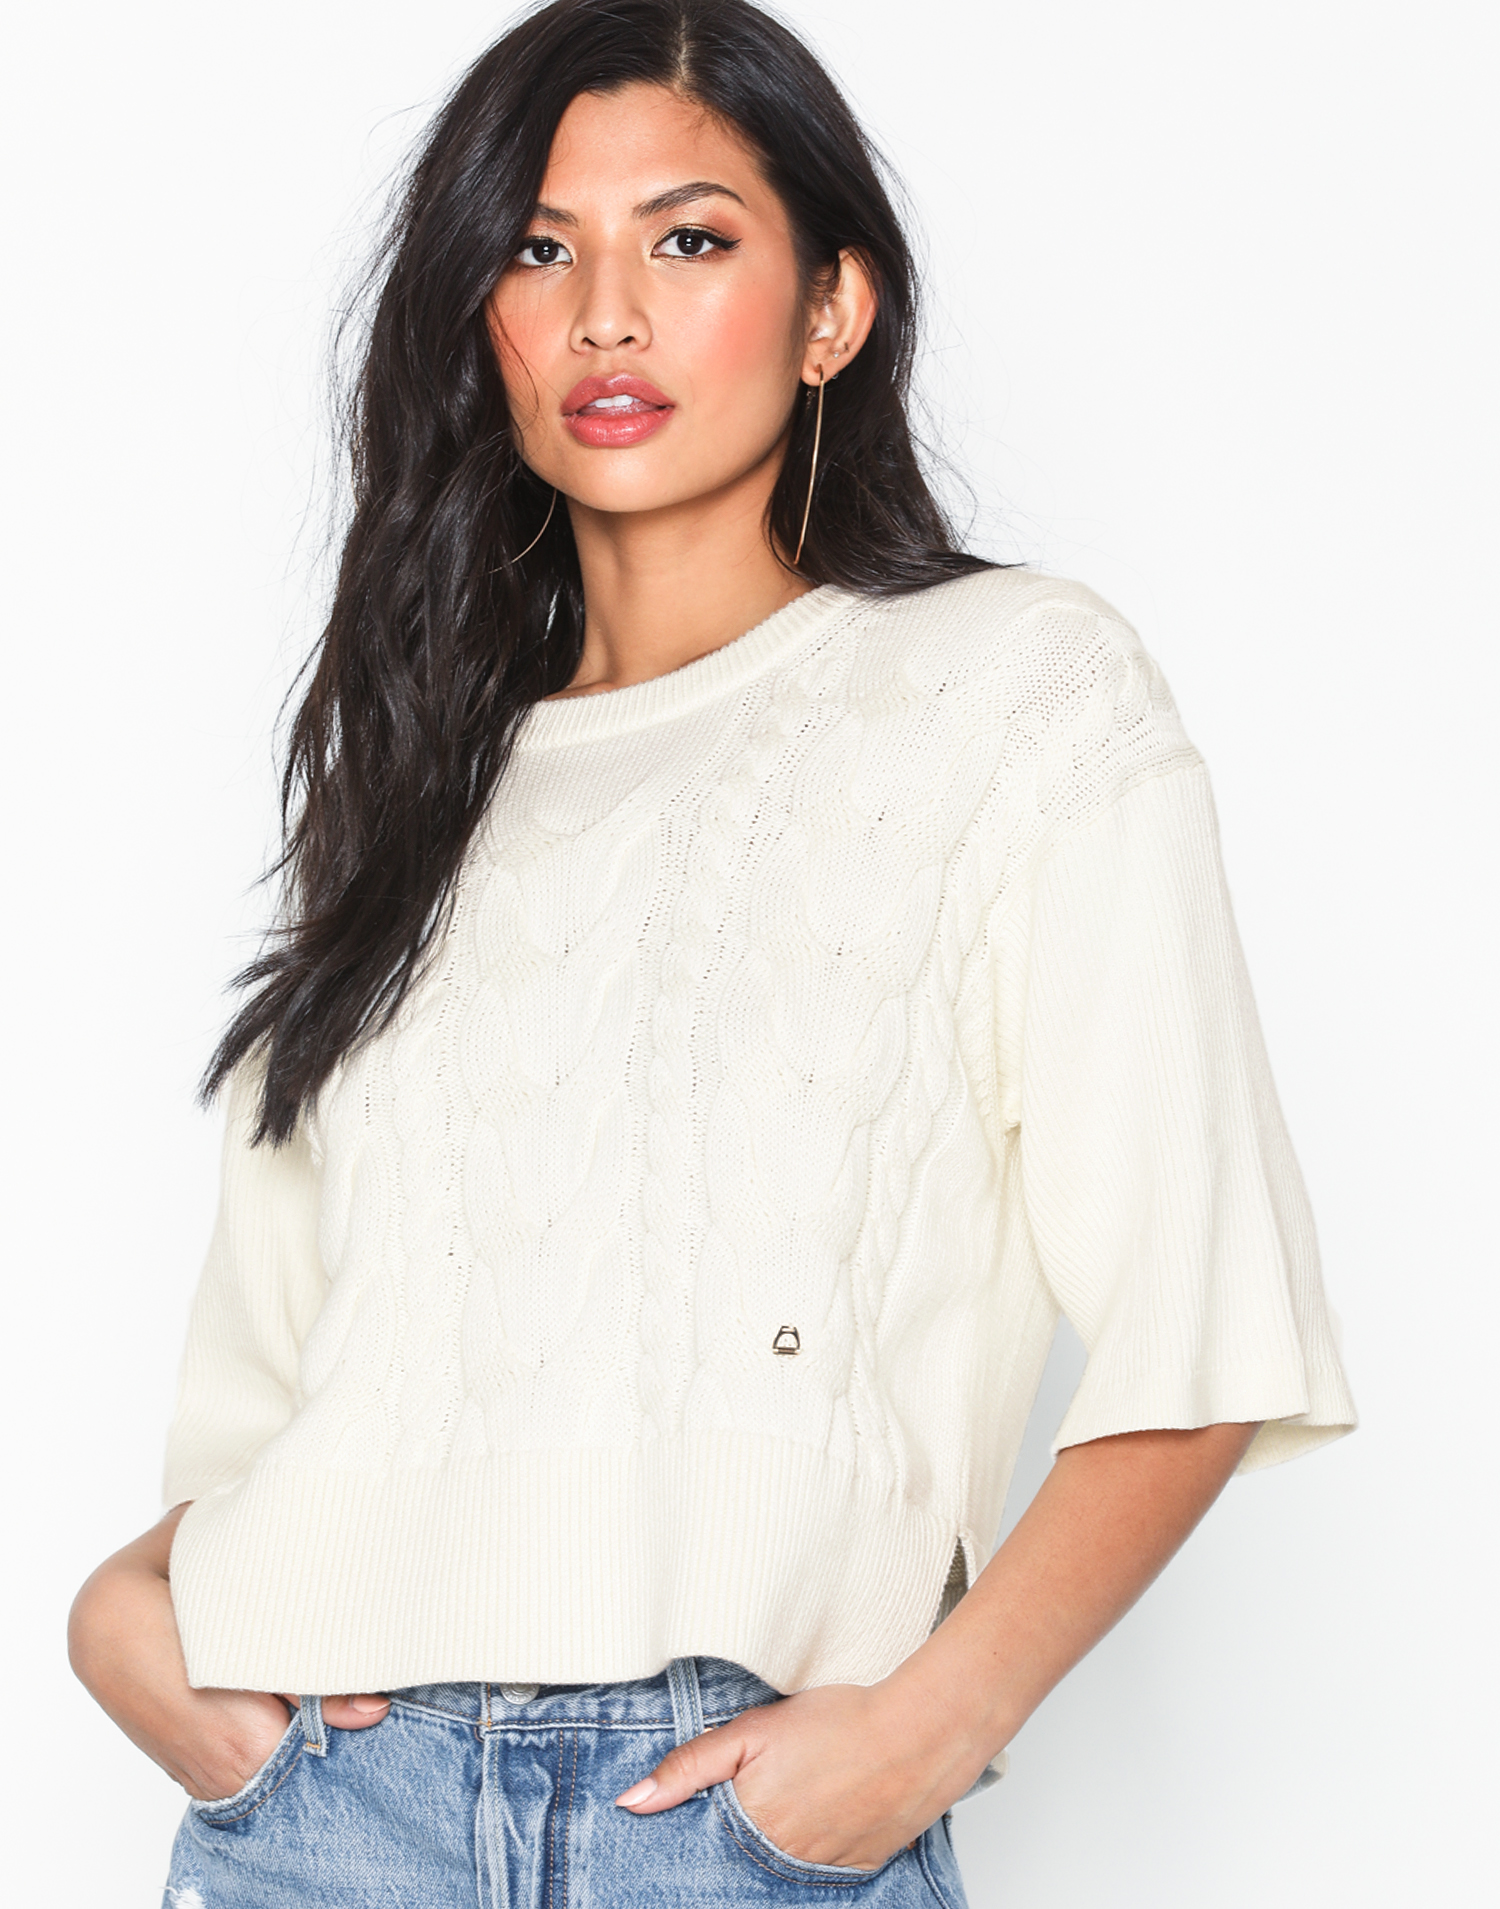 vit kabelstickad tröja